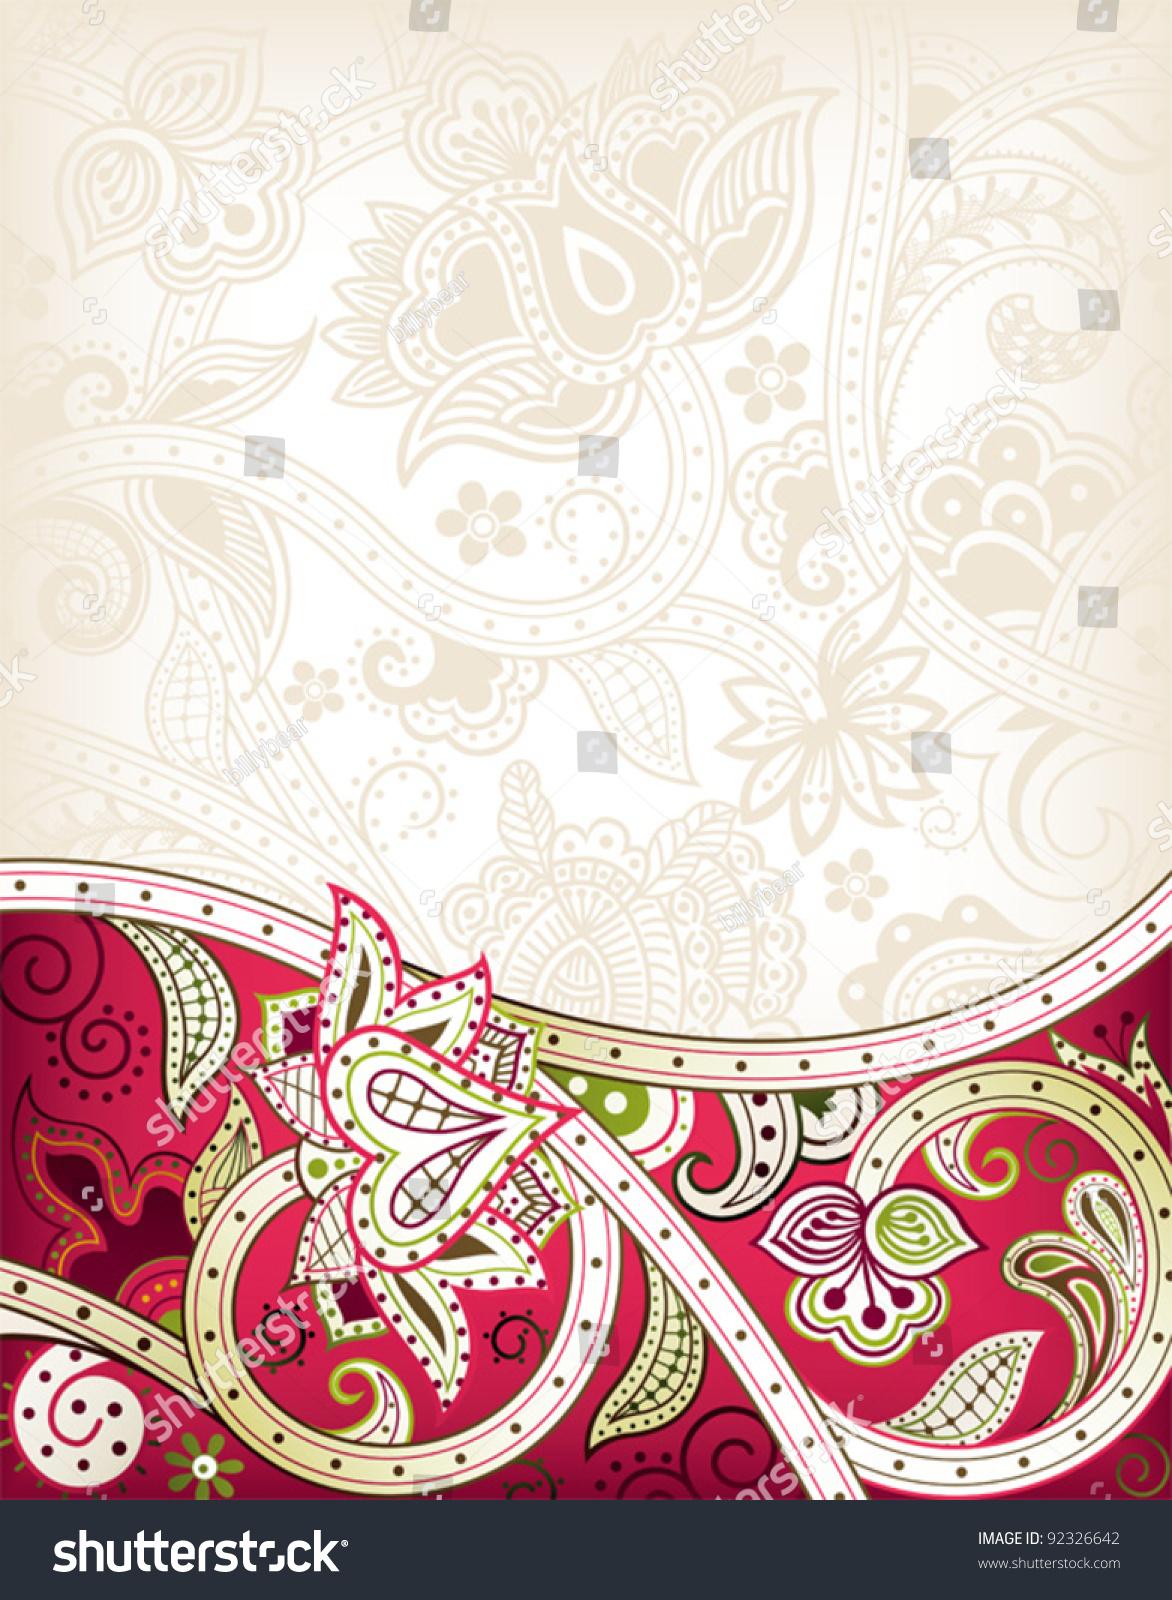 抽象花纹背景-背景/素材